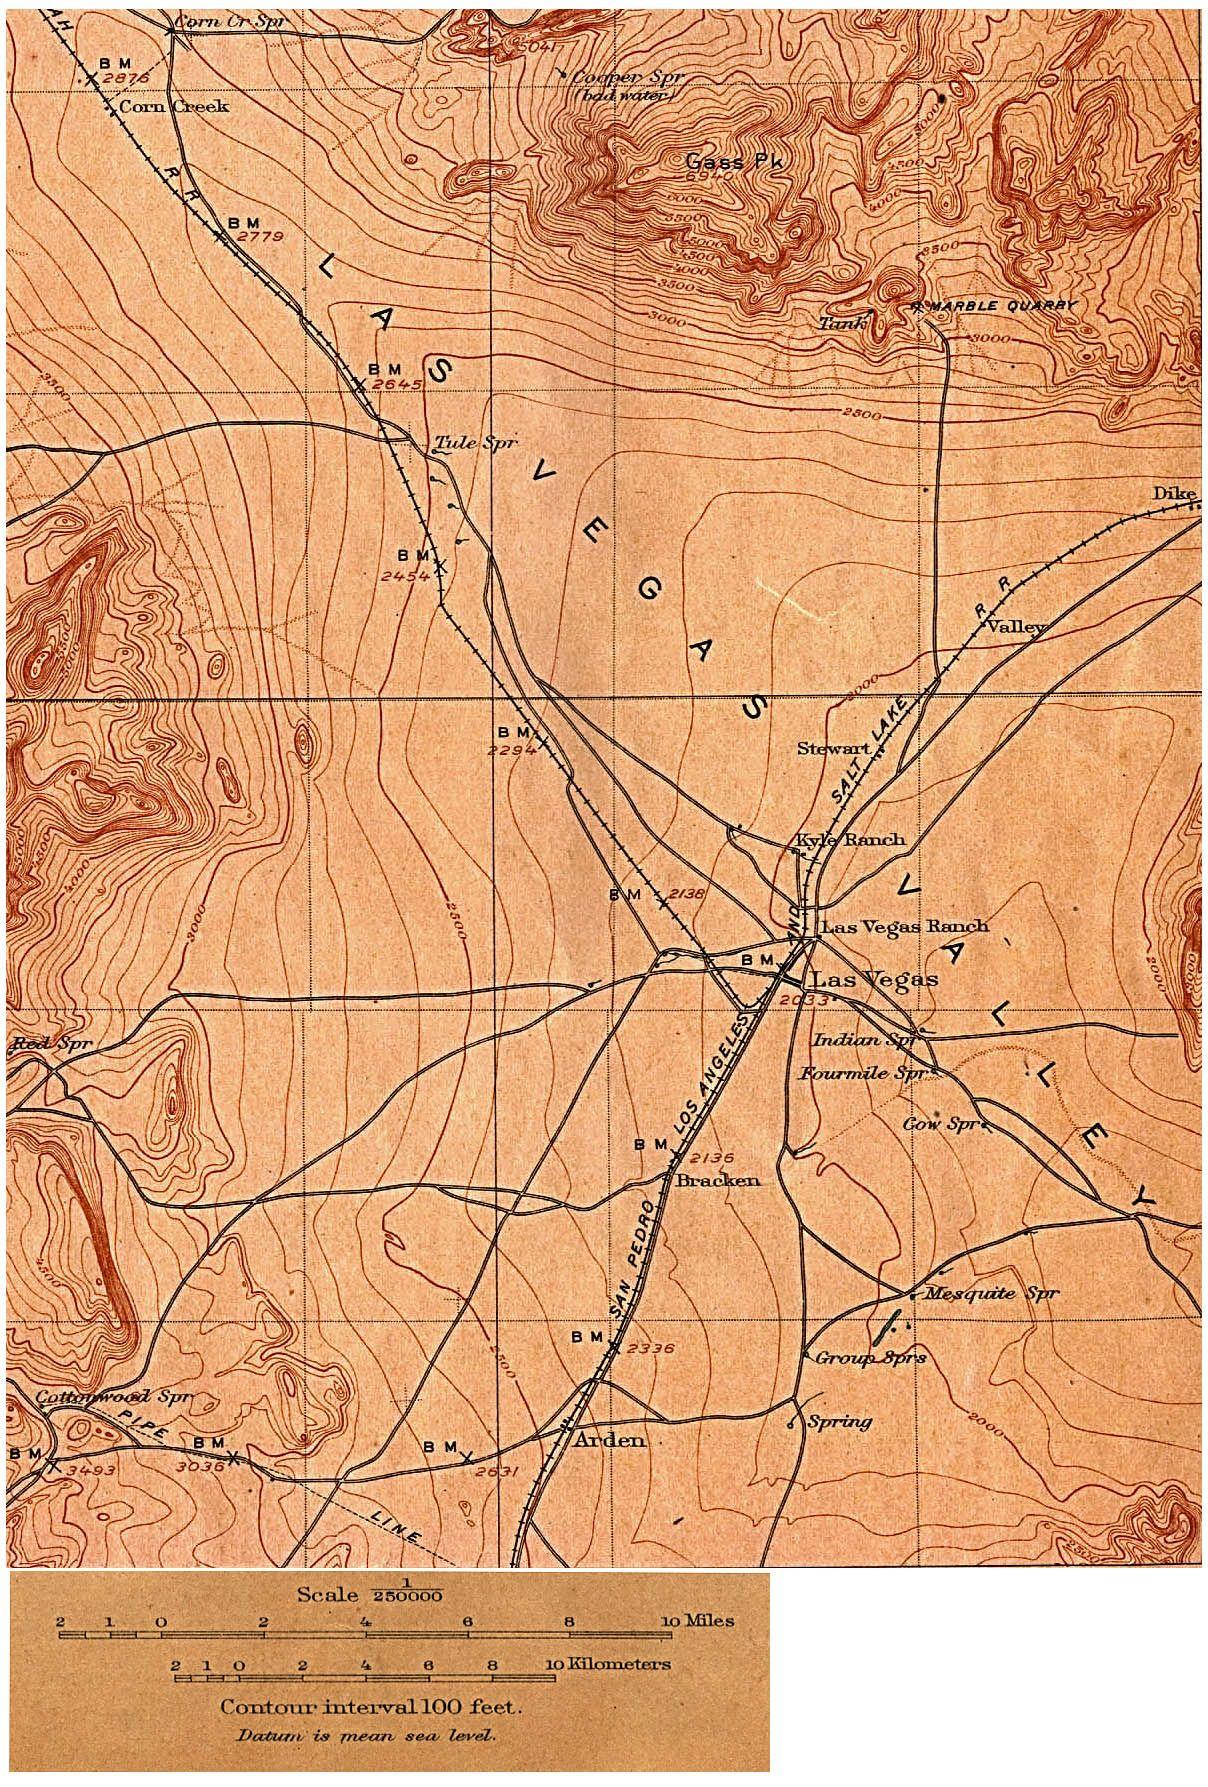 Httpwwwlibutexasedumapshistoricallasvegasnvjpg - Us geological survey maps historical